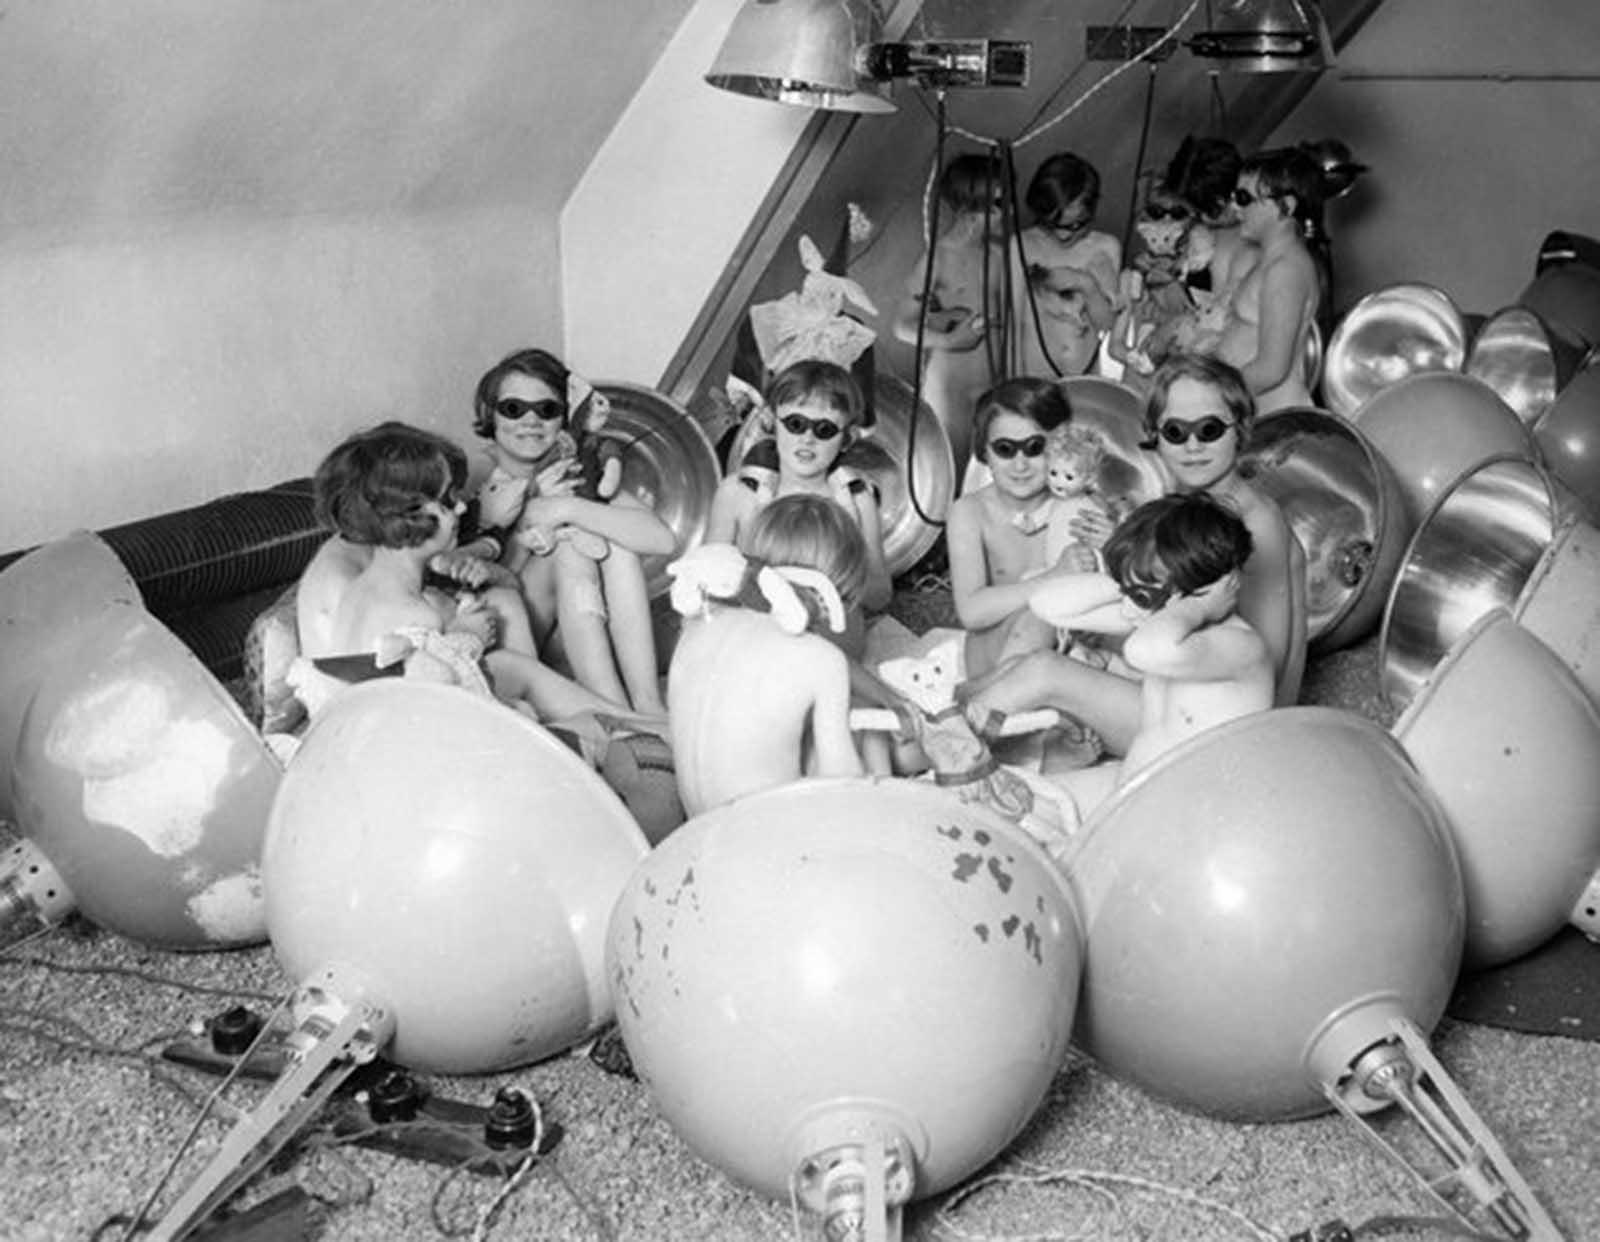 Niños usando un baño de luz en Berlín, Alemania alrededor del año 1929.